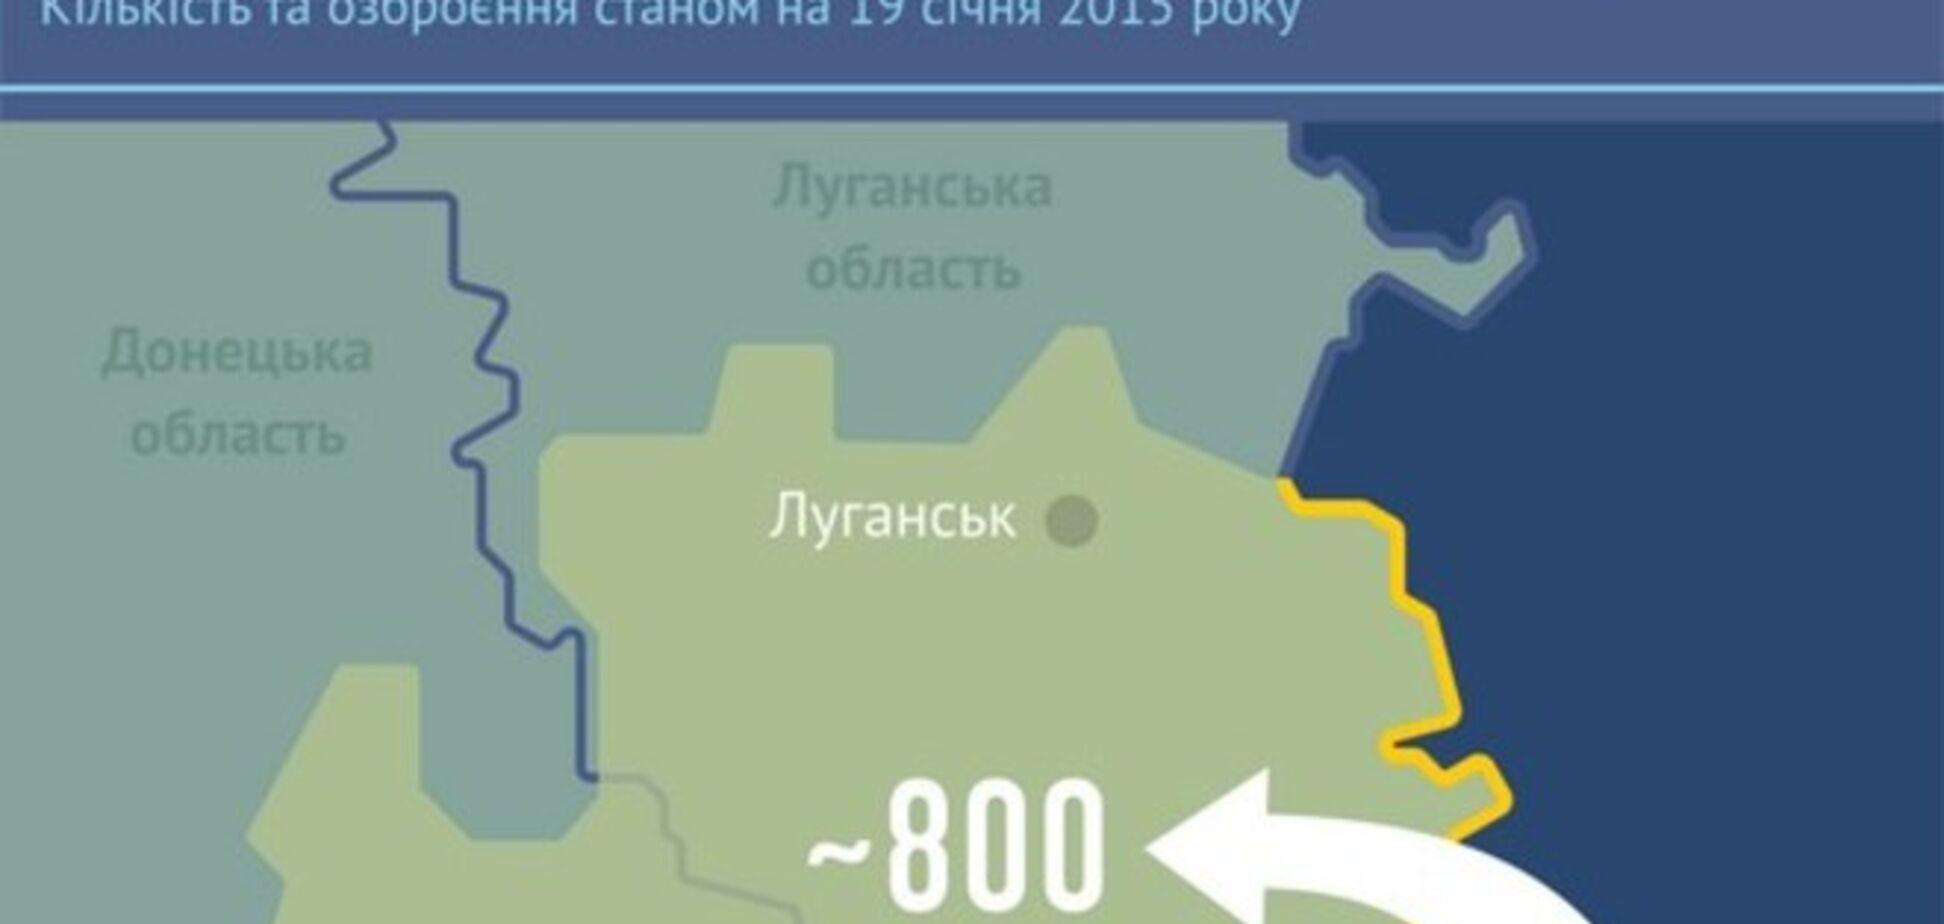 Размещение и количество войск Кремля у границы с Украиной: подробная схема